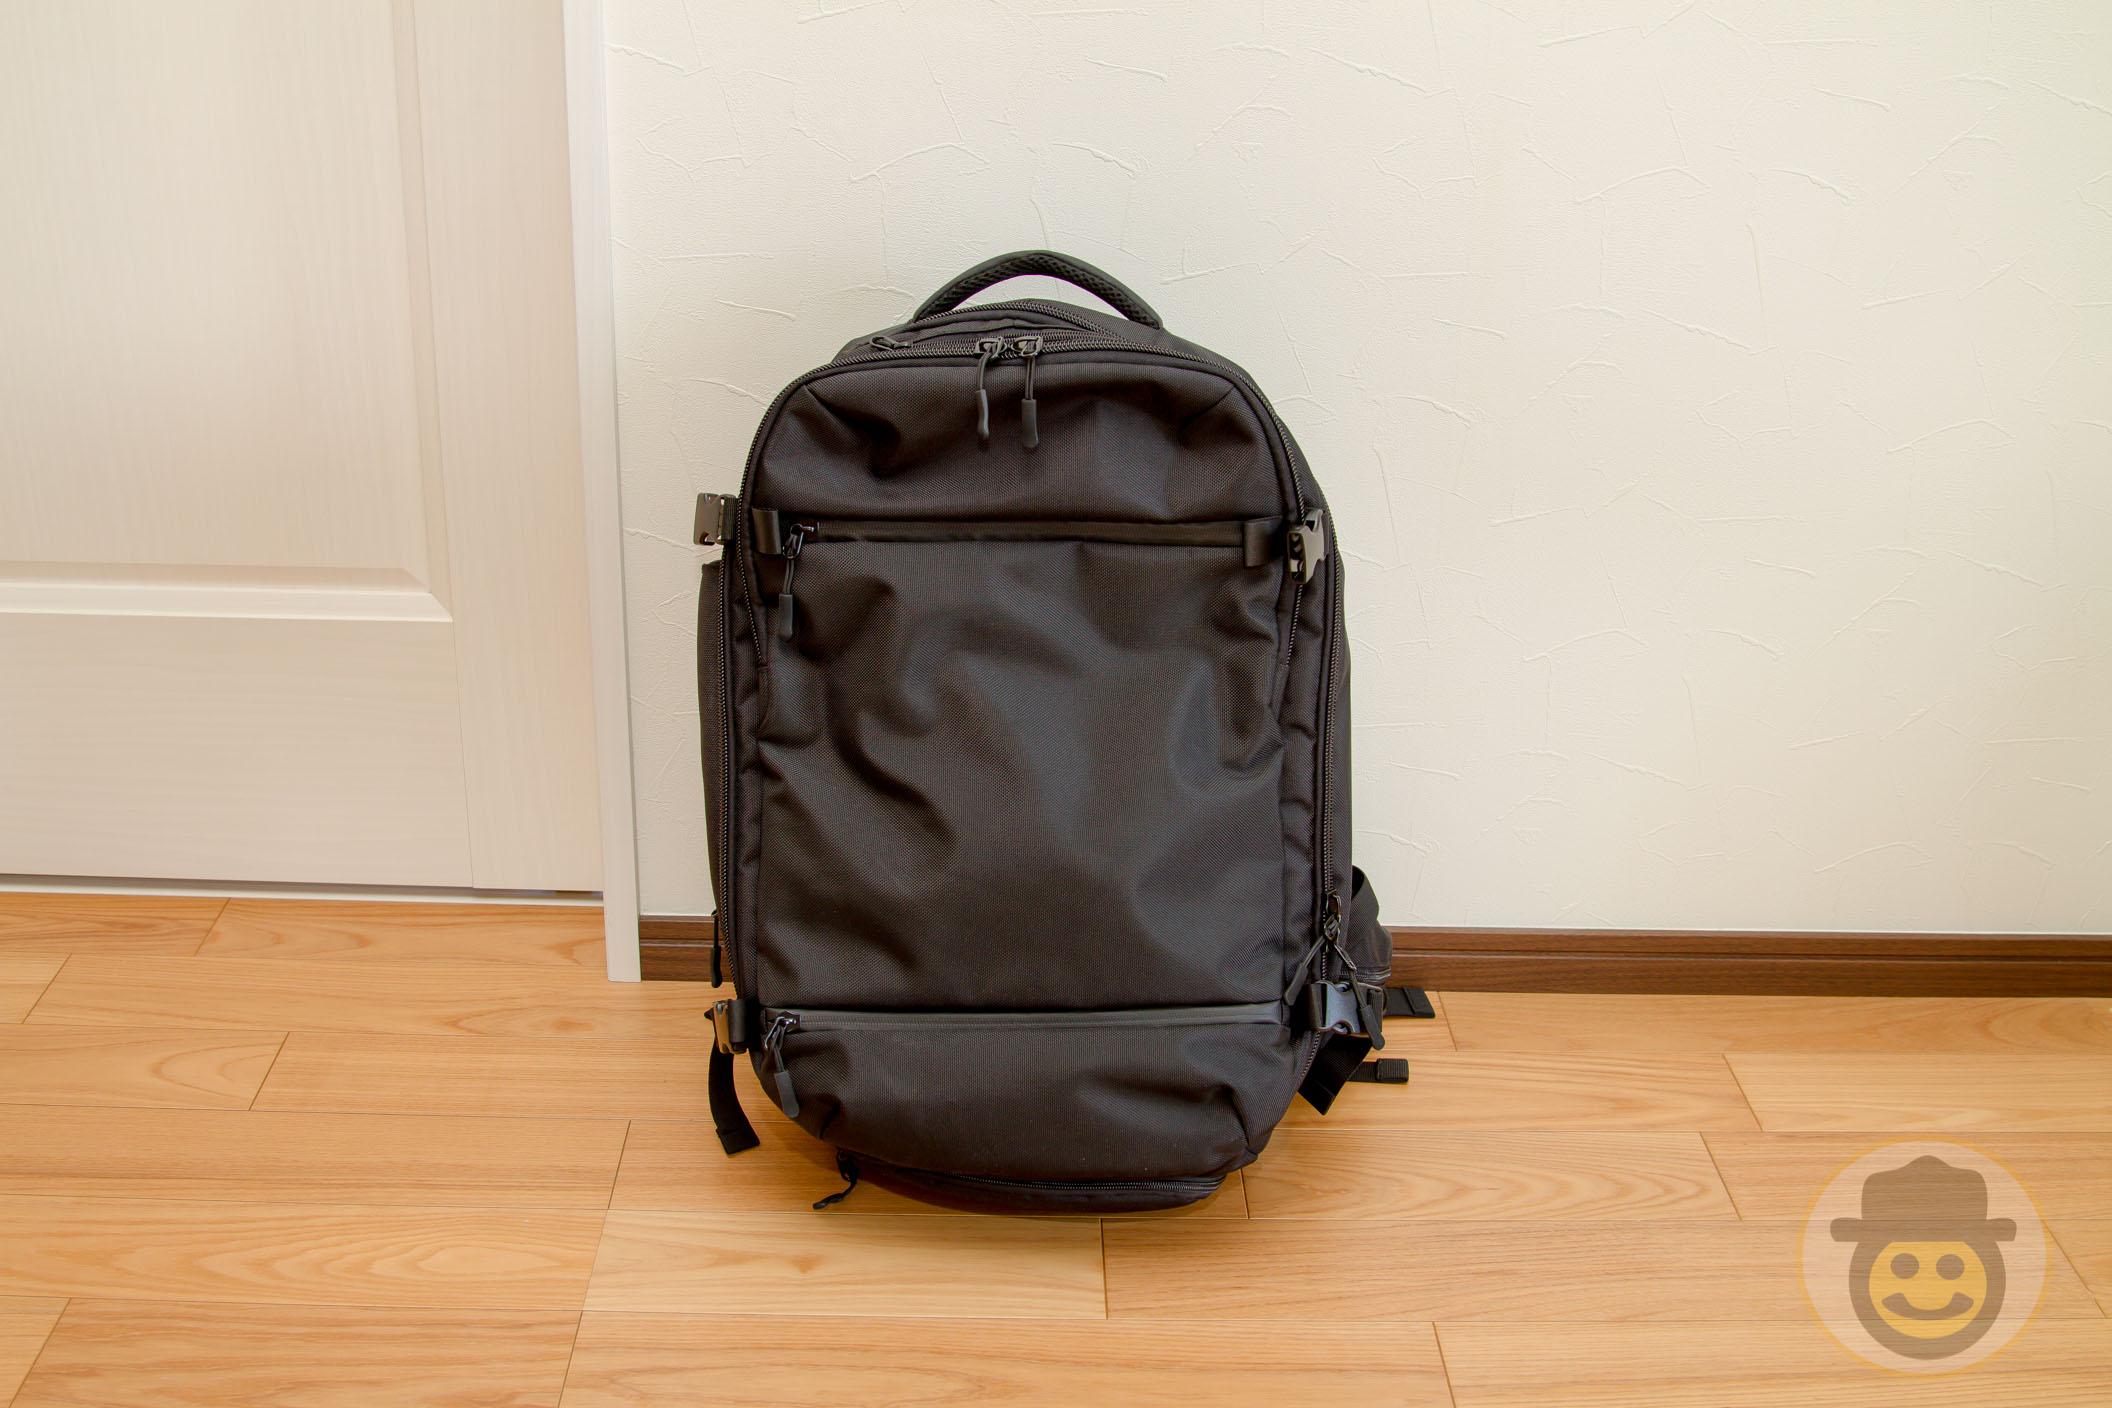 [レビュー] ビジネスにも旅行にも大容量で高機能なバックパック!